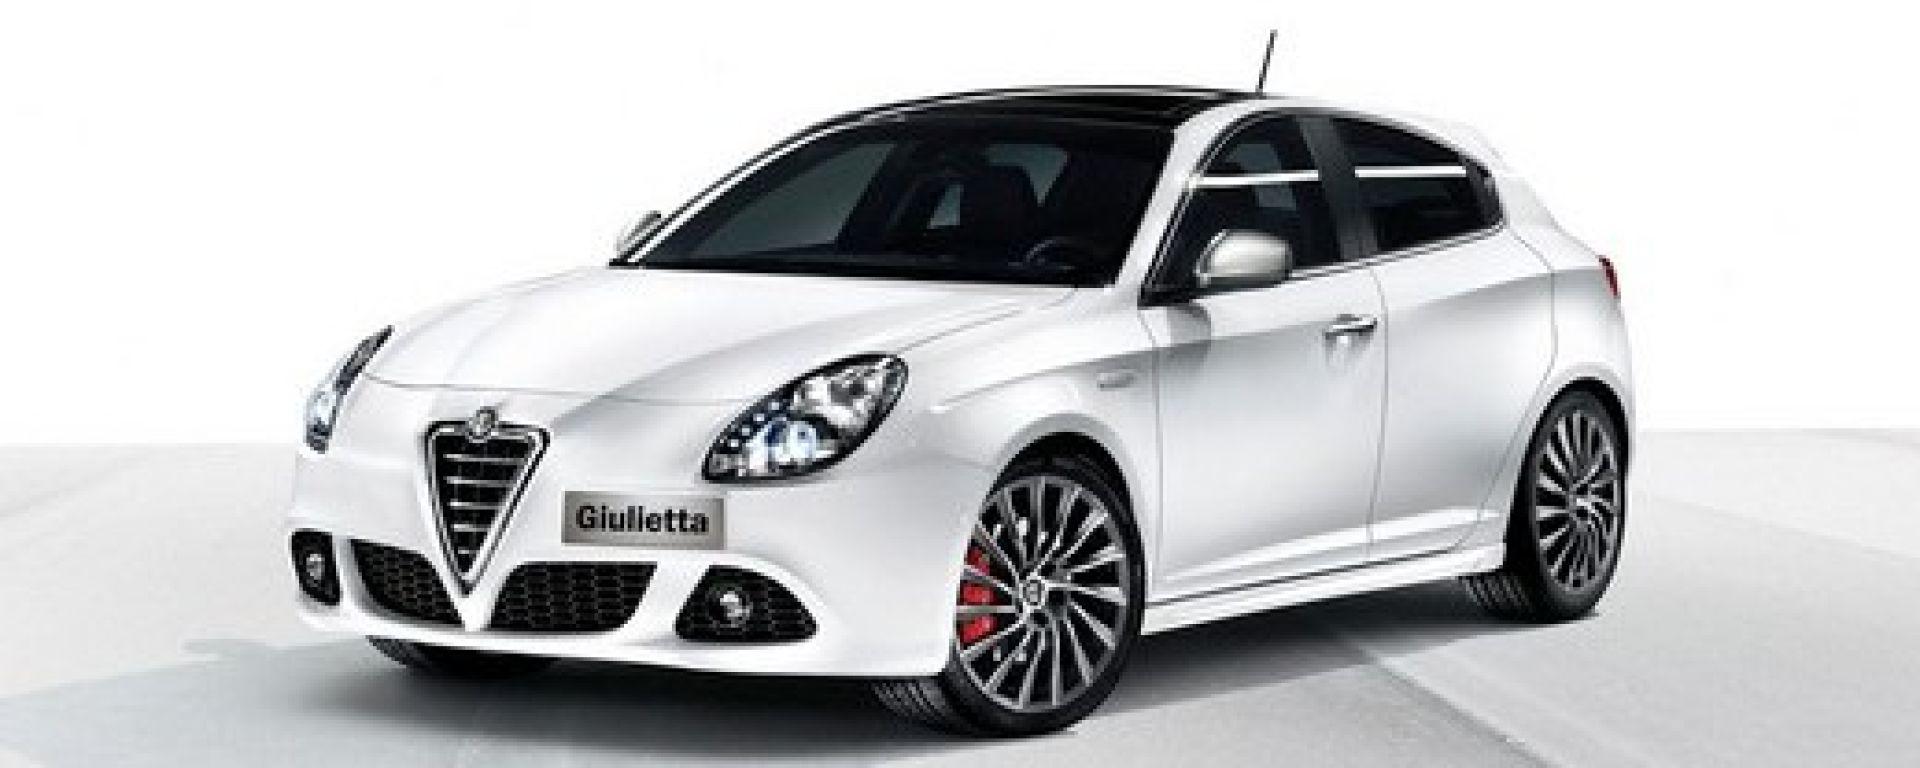 Alfa Romeo Giulietta fa il pieno